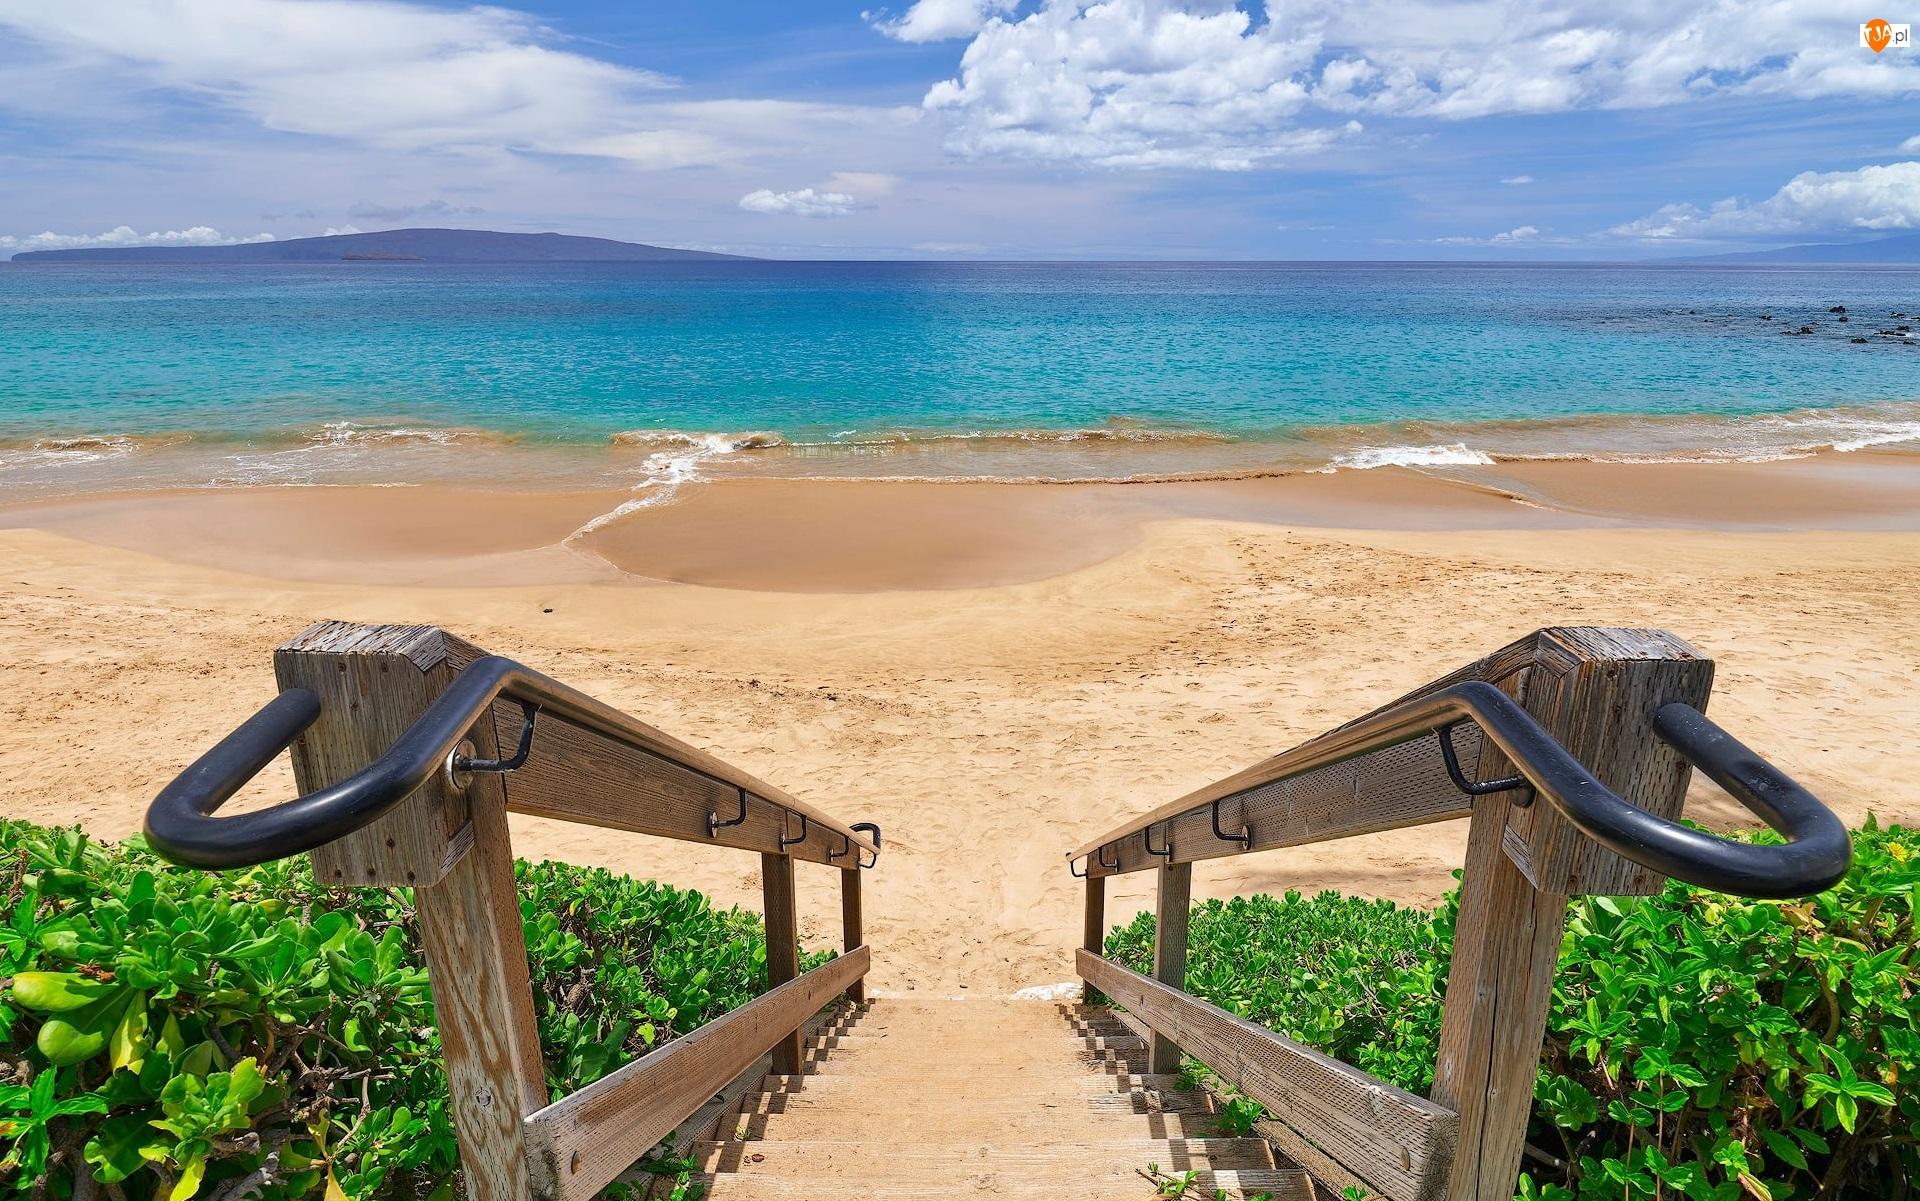 Schody, Chmury, Plaża, Morze, Roślinność